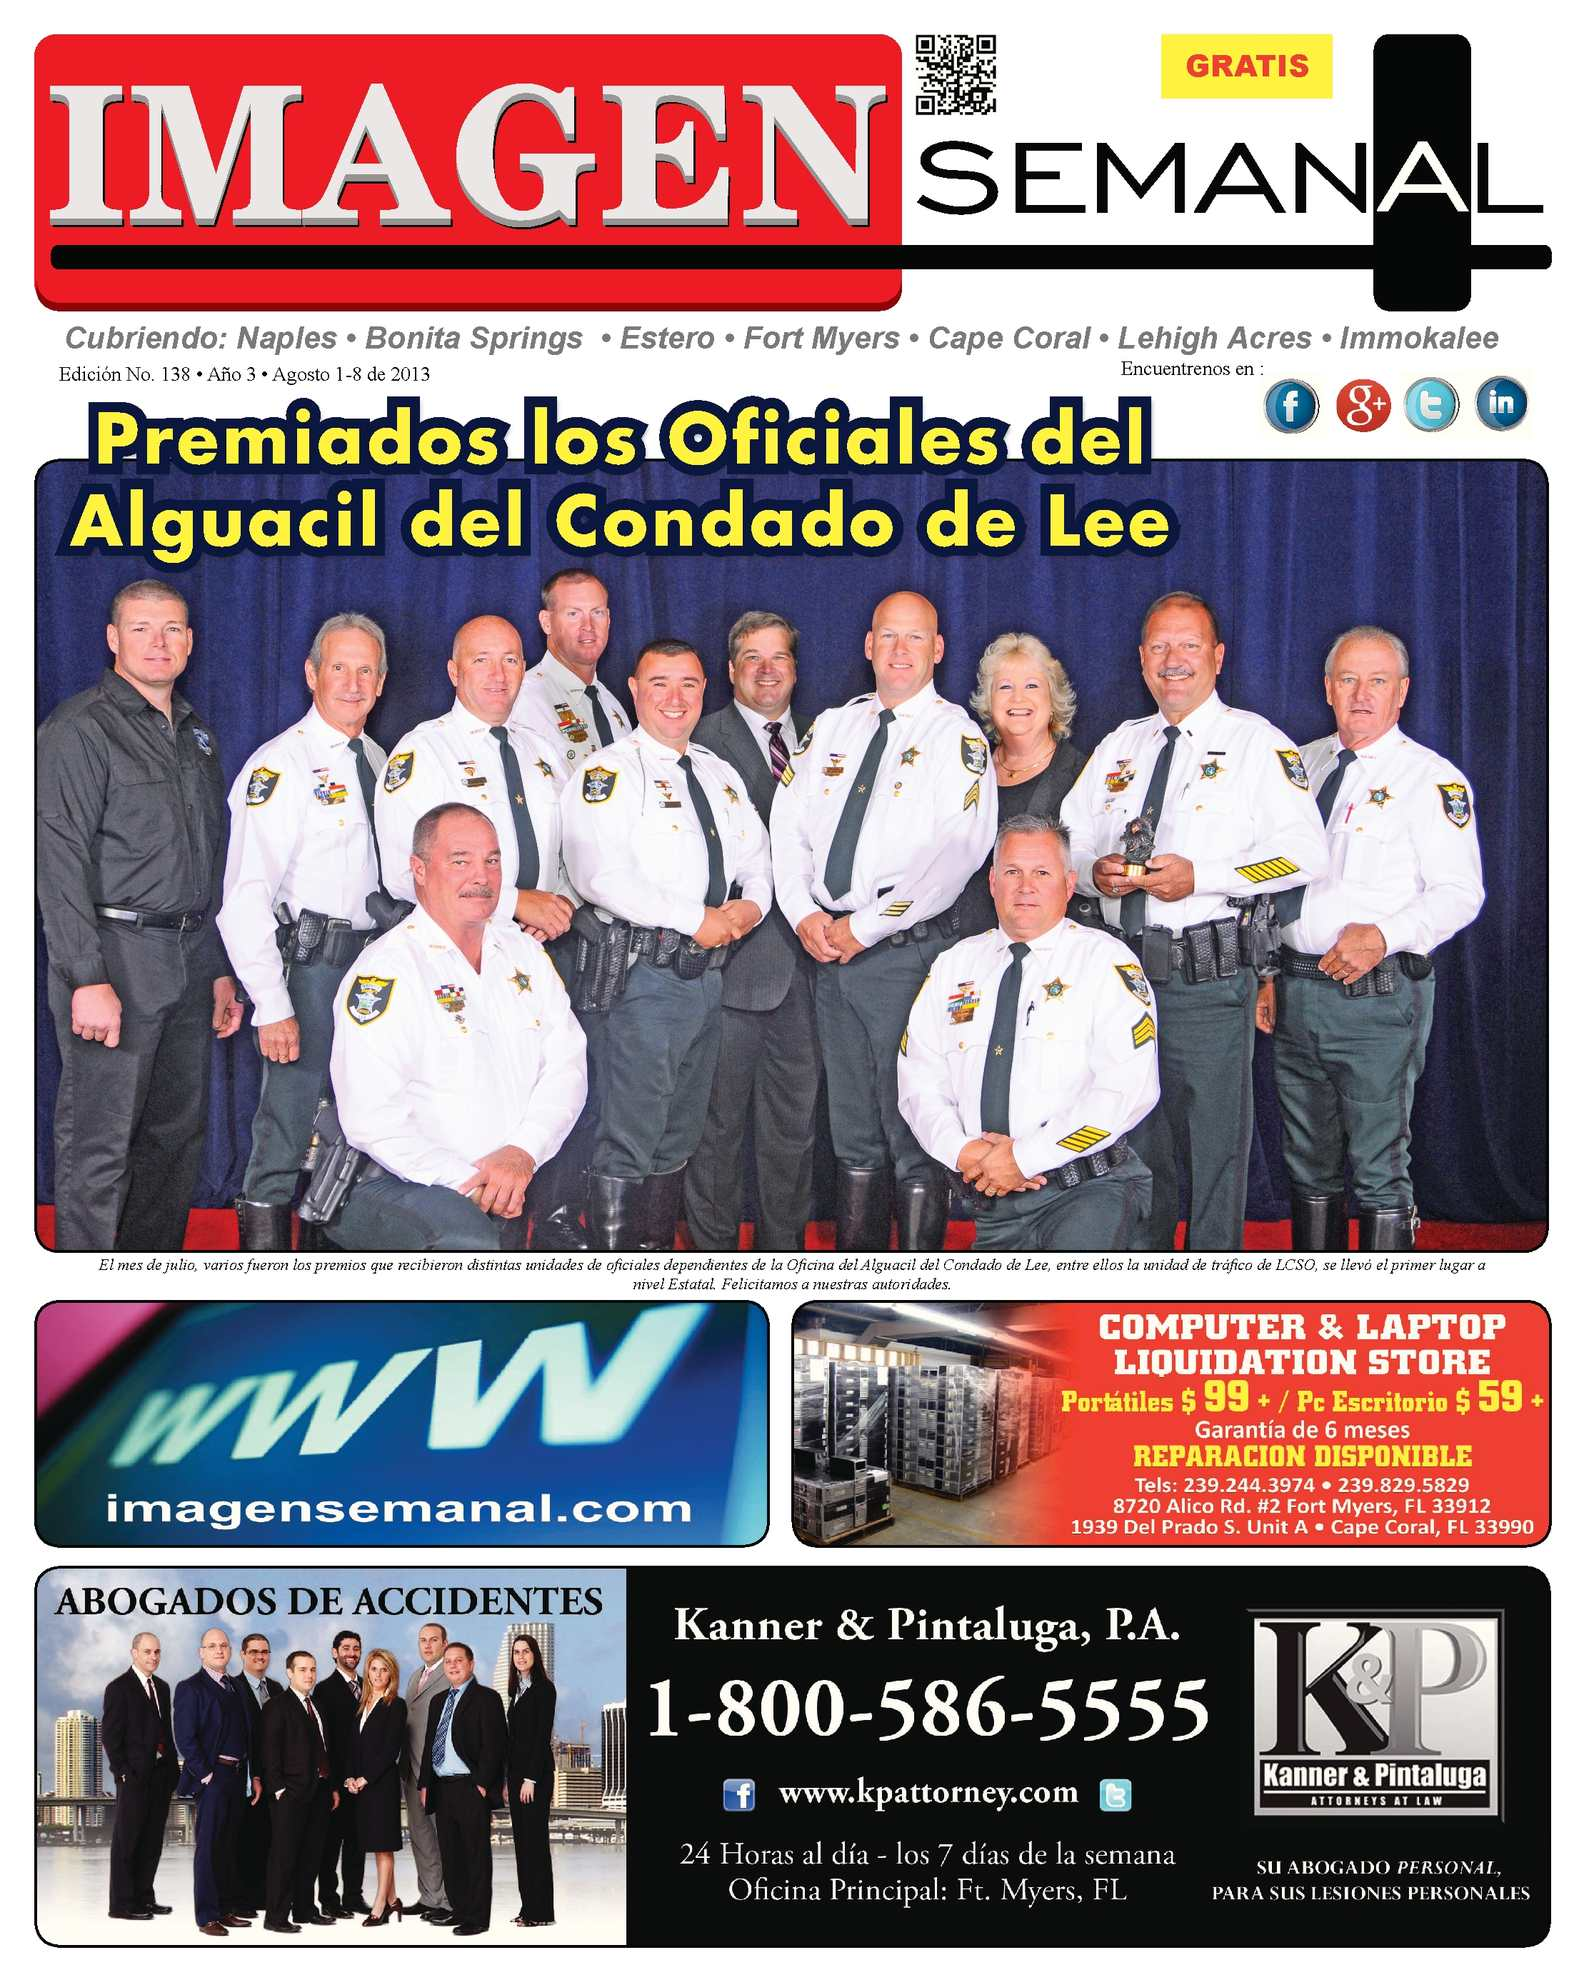 Calaméo - Imagen Semanal Edicion Impresa # 138